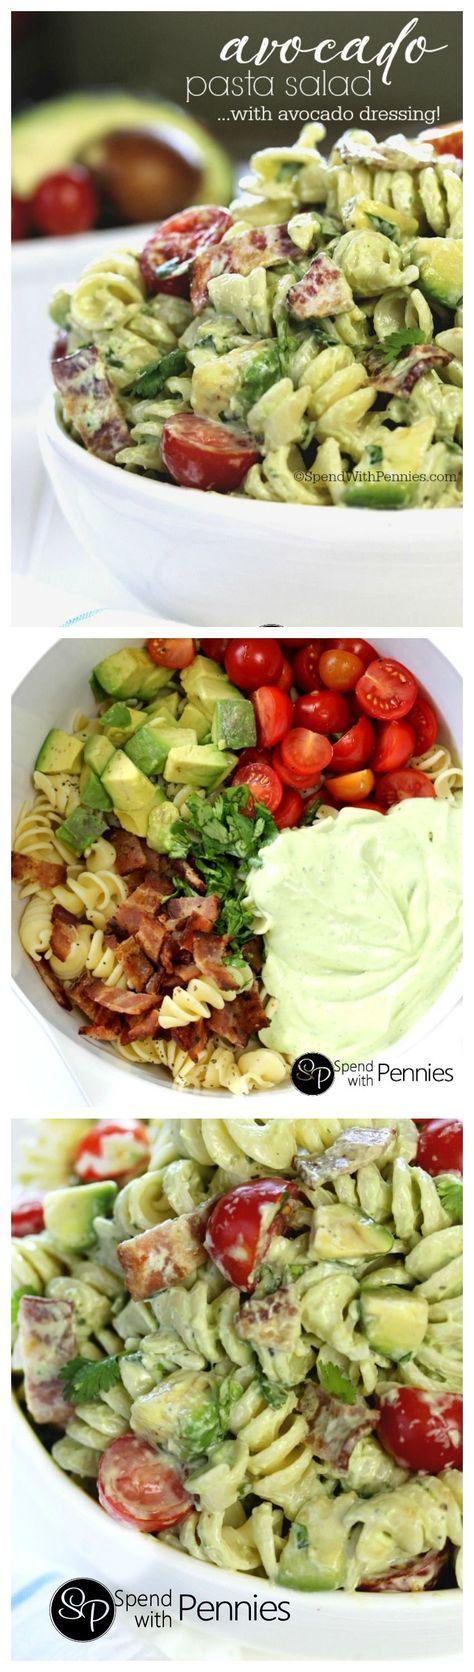 Avacado Pasta Salad With Avacado Dressing | Spendwithpennies